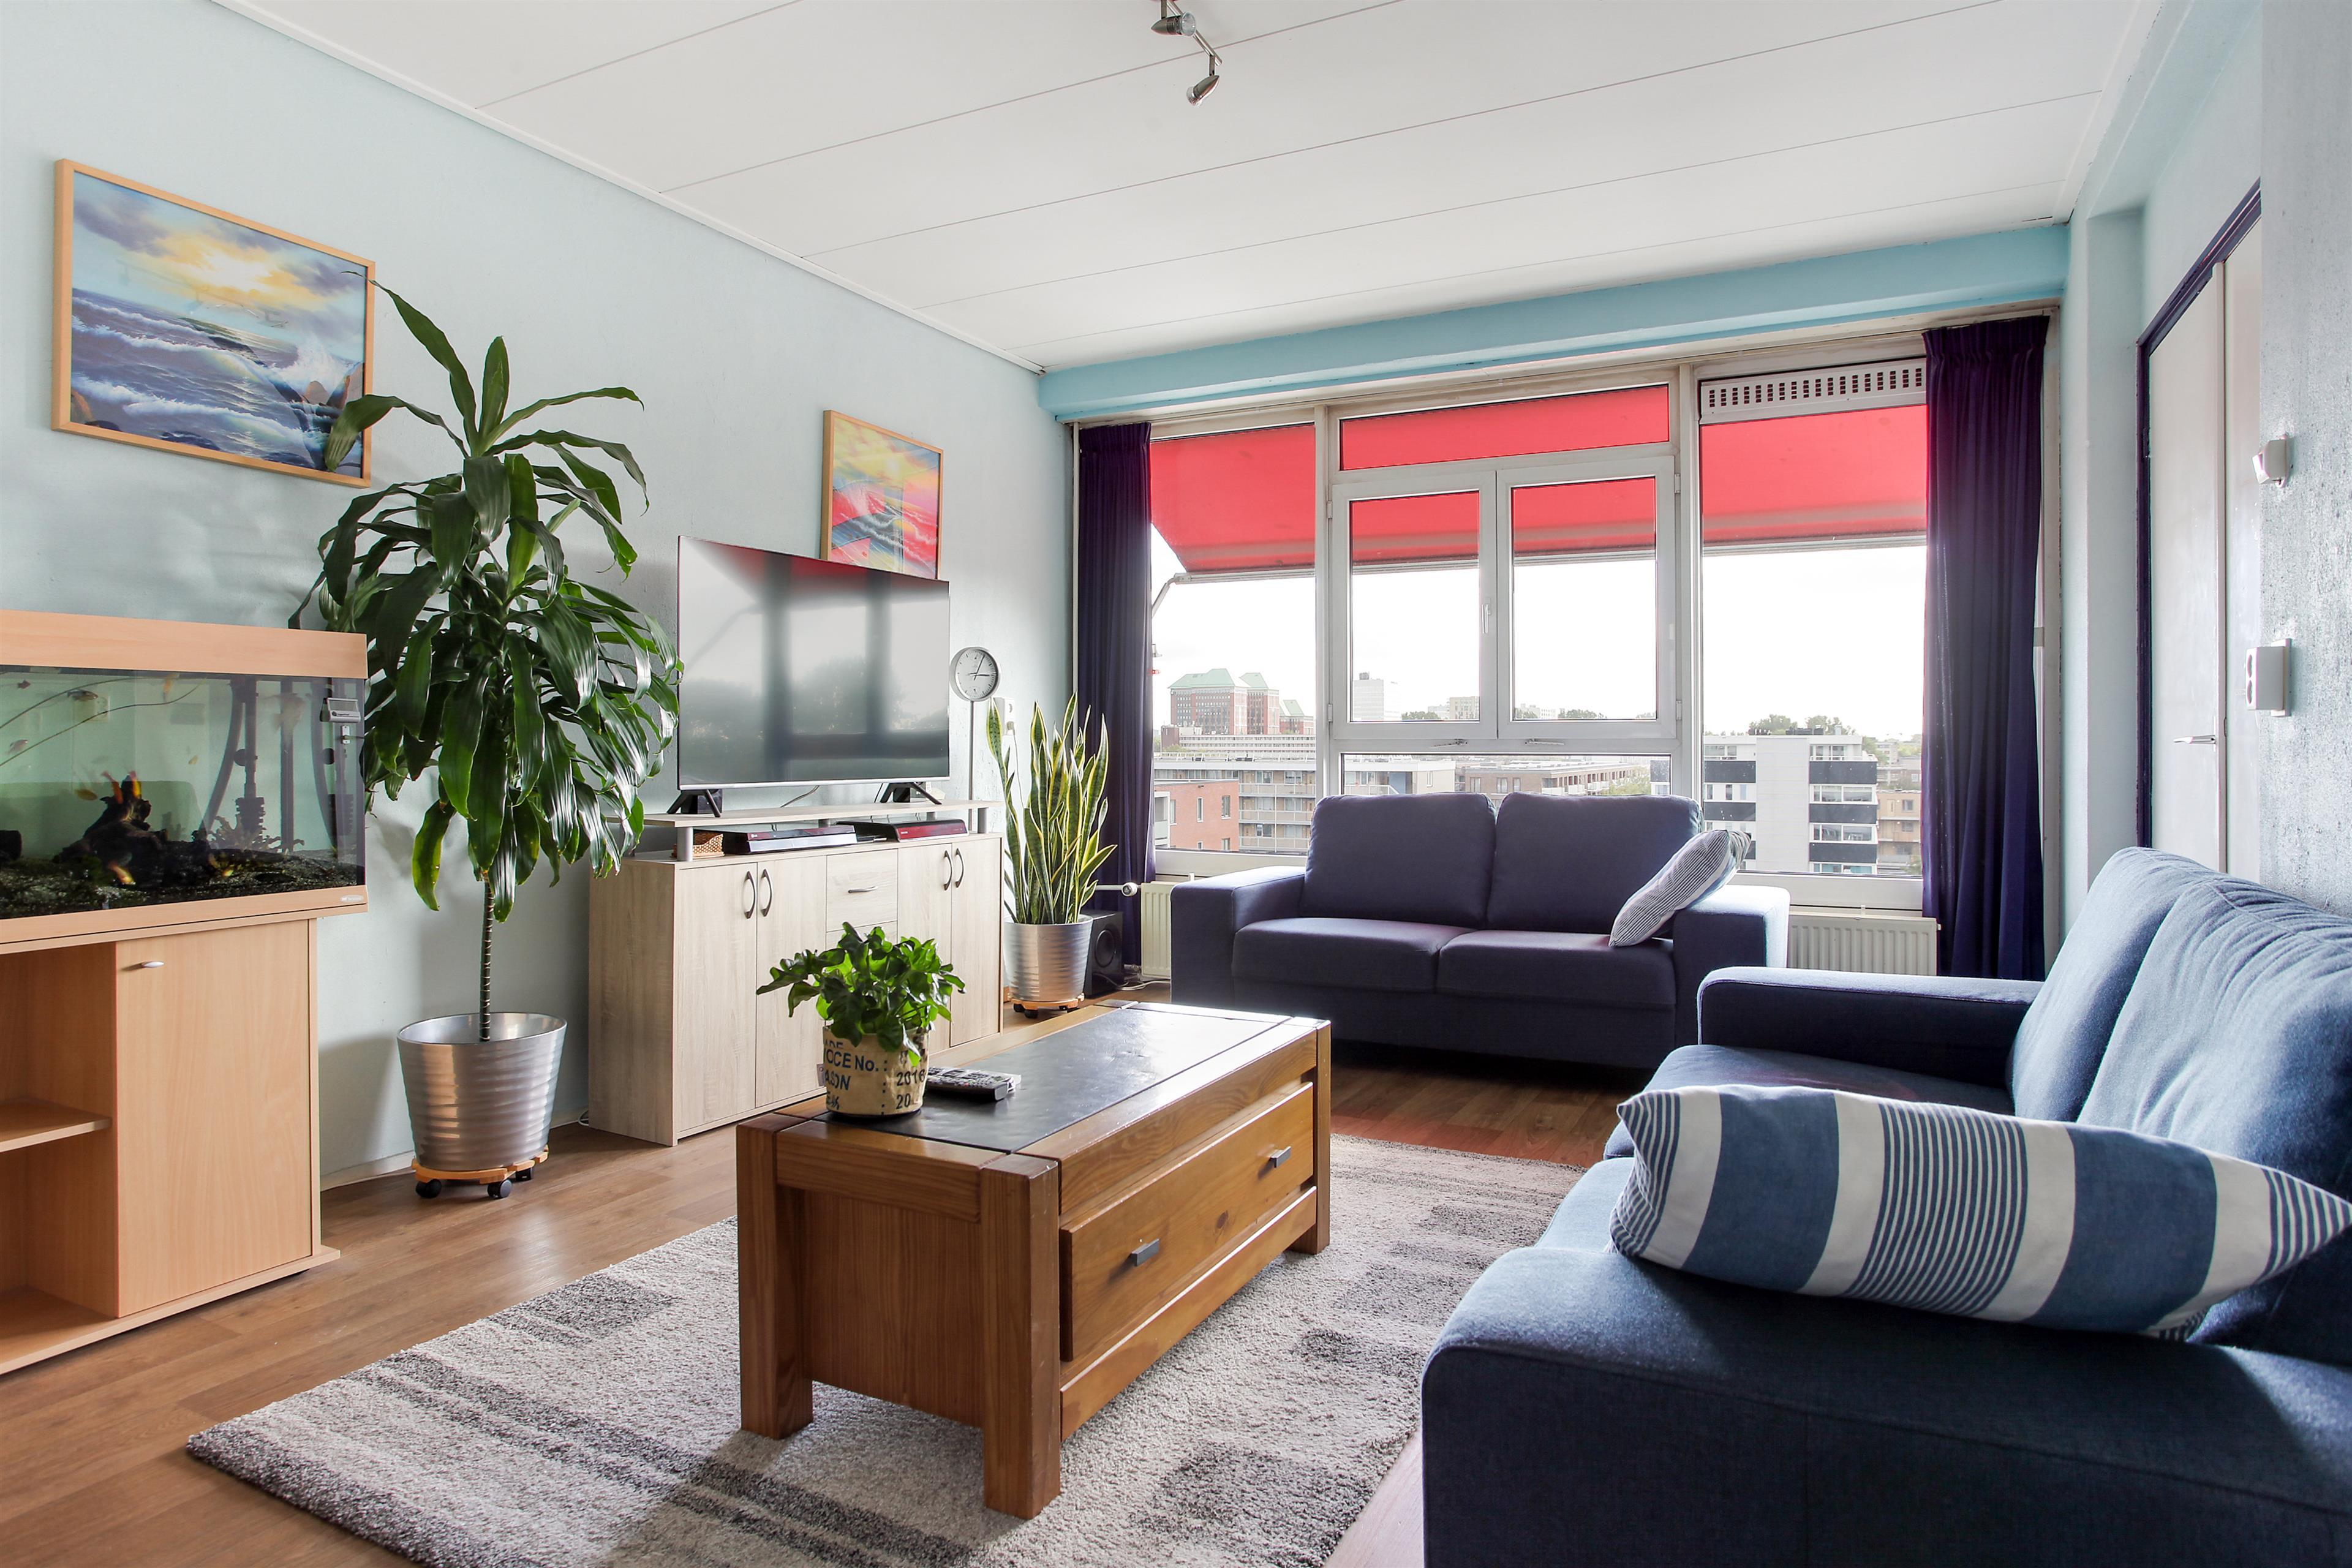 Te koop: Postjesweg 501, Amsterdam - Hoekstra en van Eck